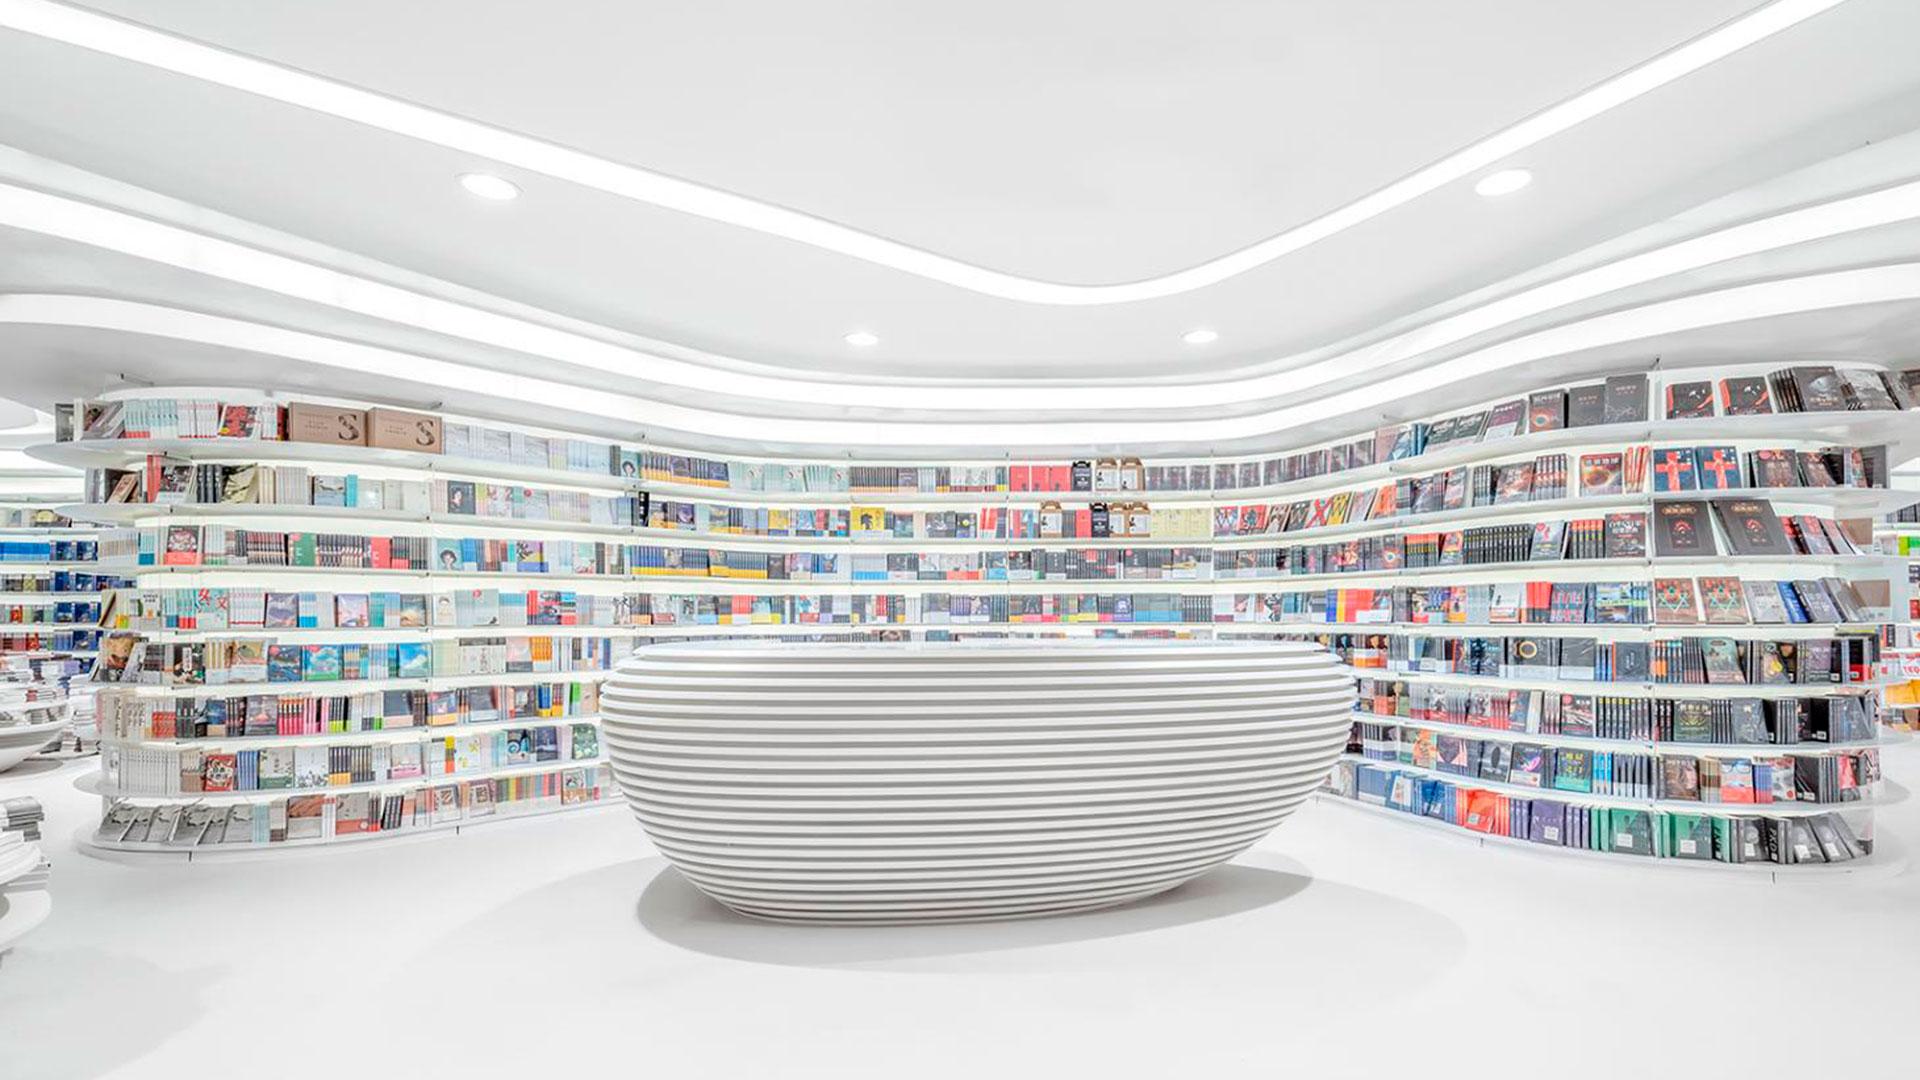 Las librerías son el futuro hero asset